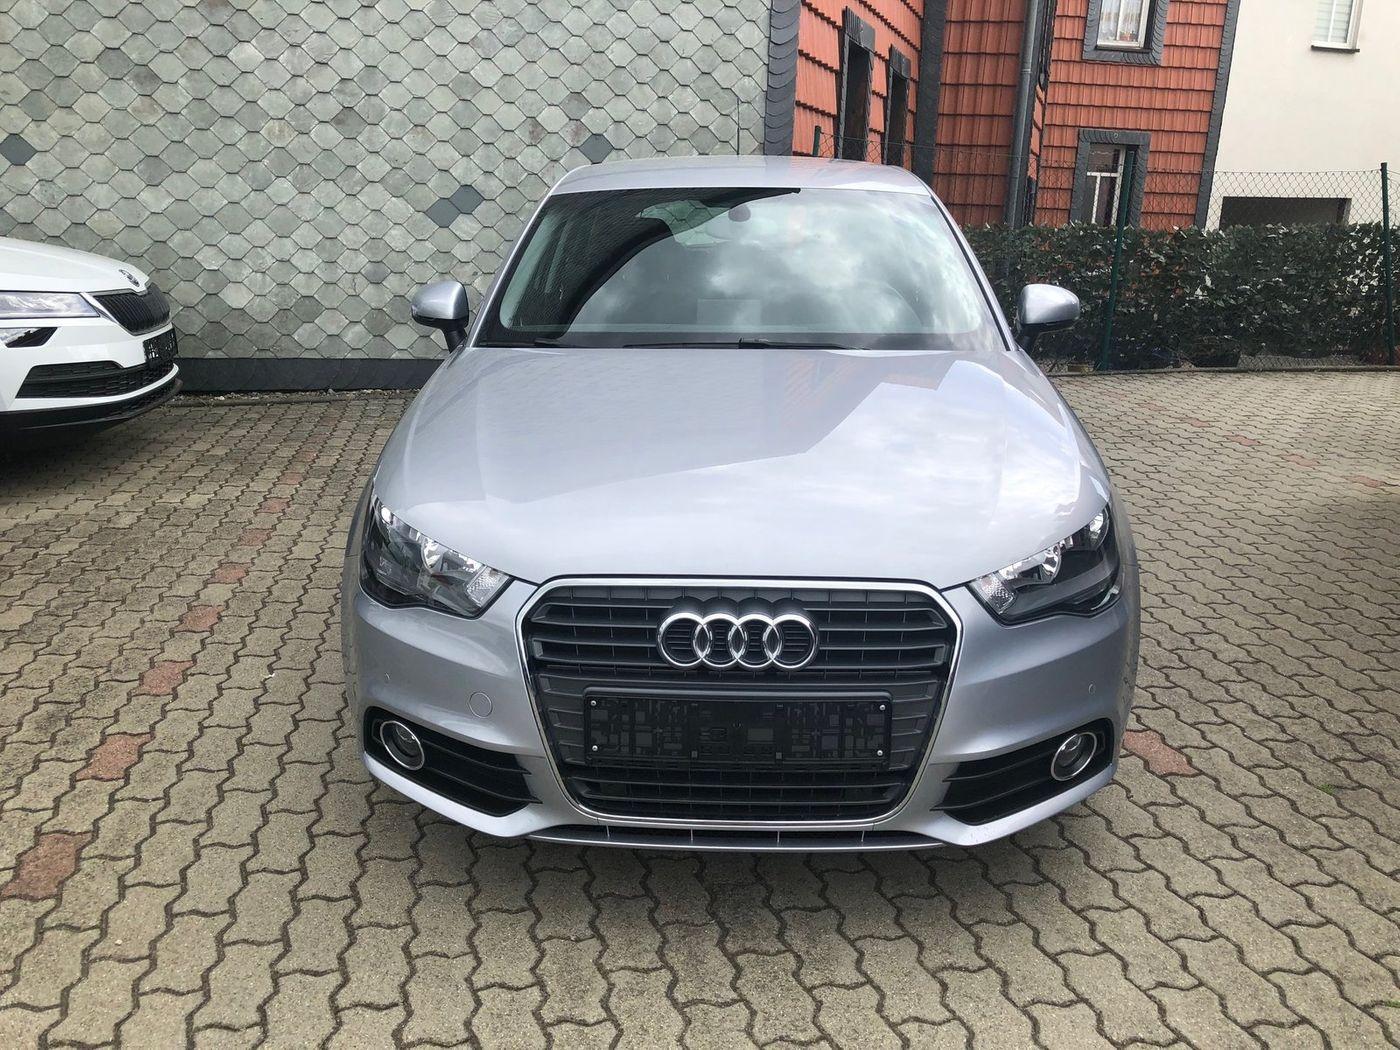 Audi Günstig Kaufen